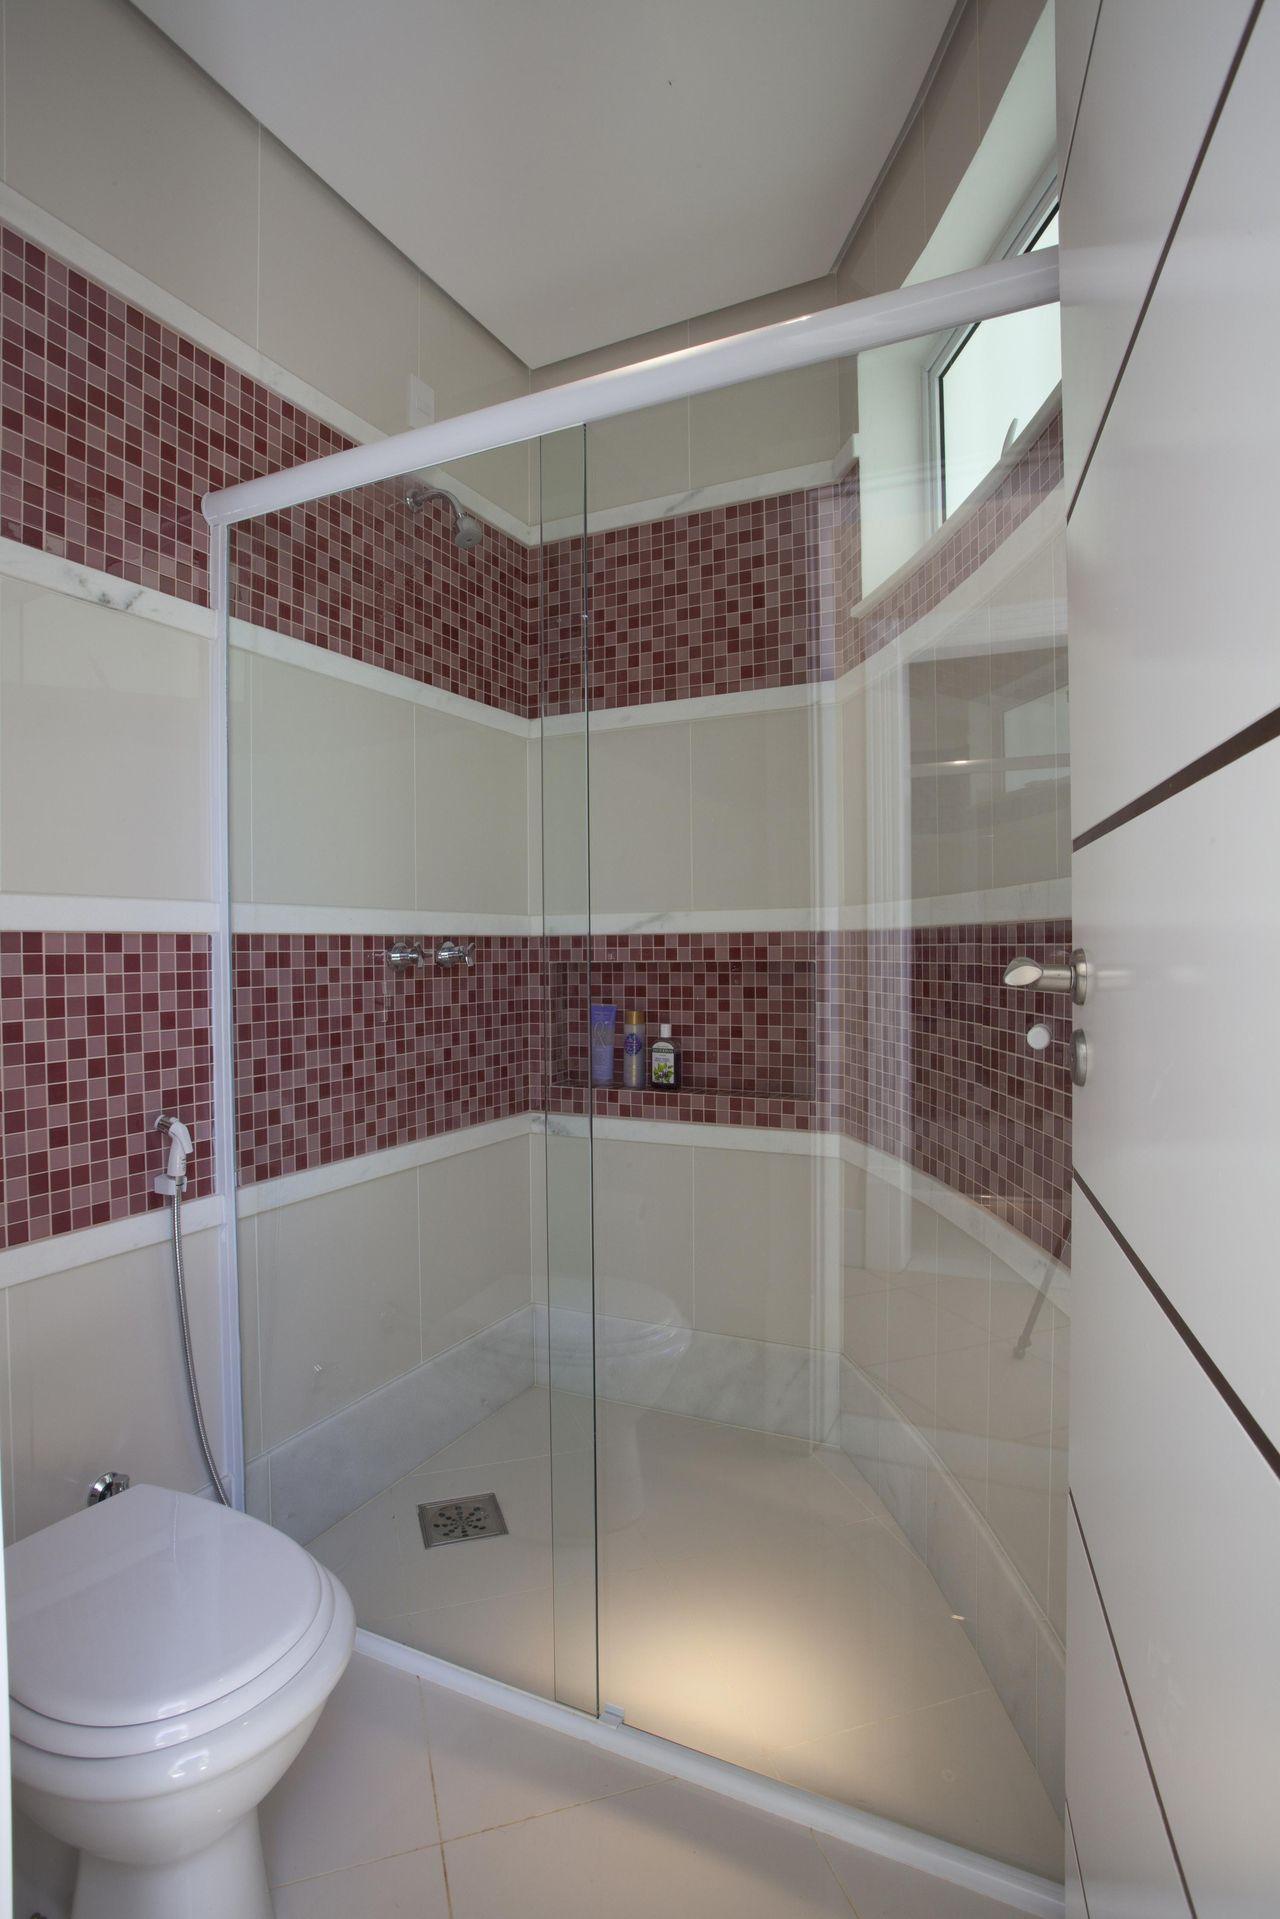 Banheiro com faixas de Pastilhas de Aquiles Nicolas Kilaris  19125 no Viva D -> Banheiro Simples Pastilha